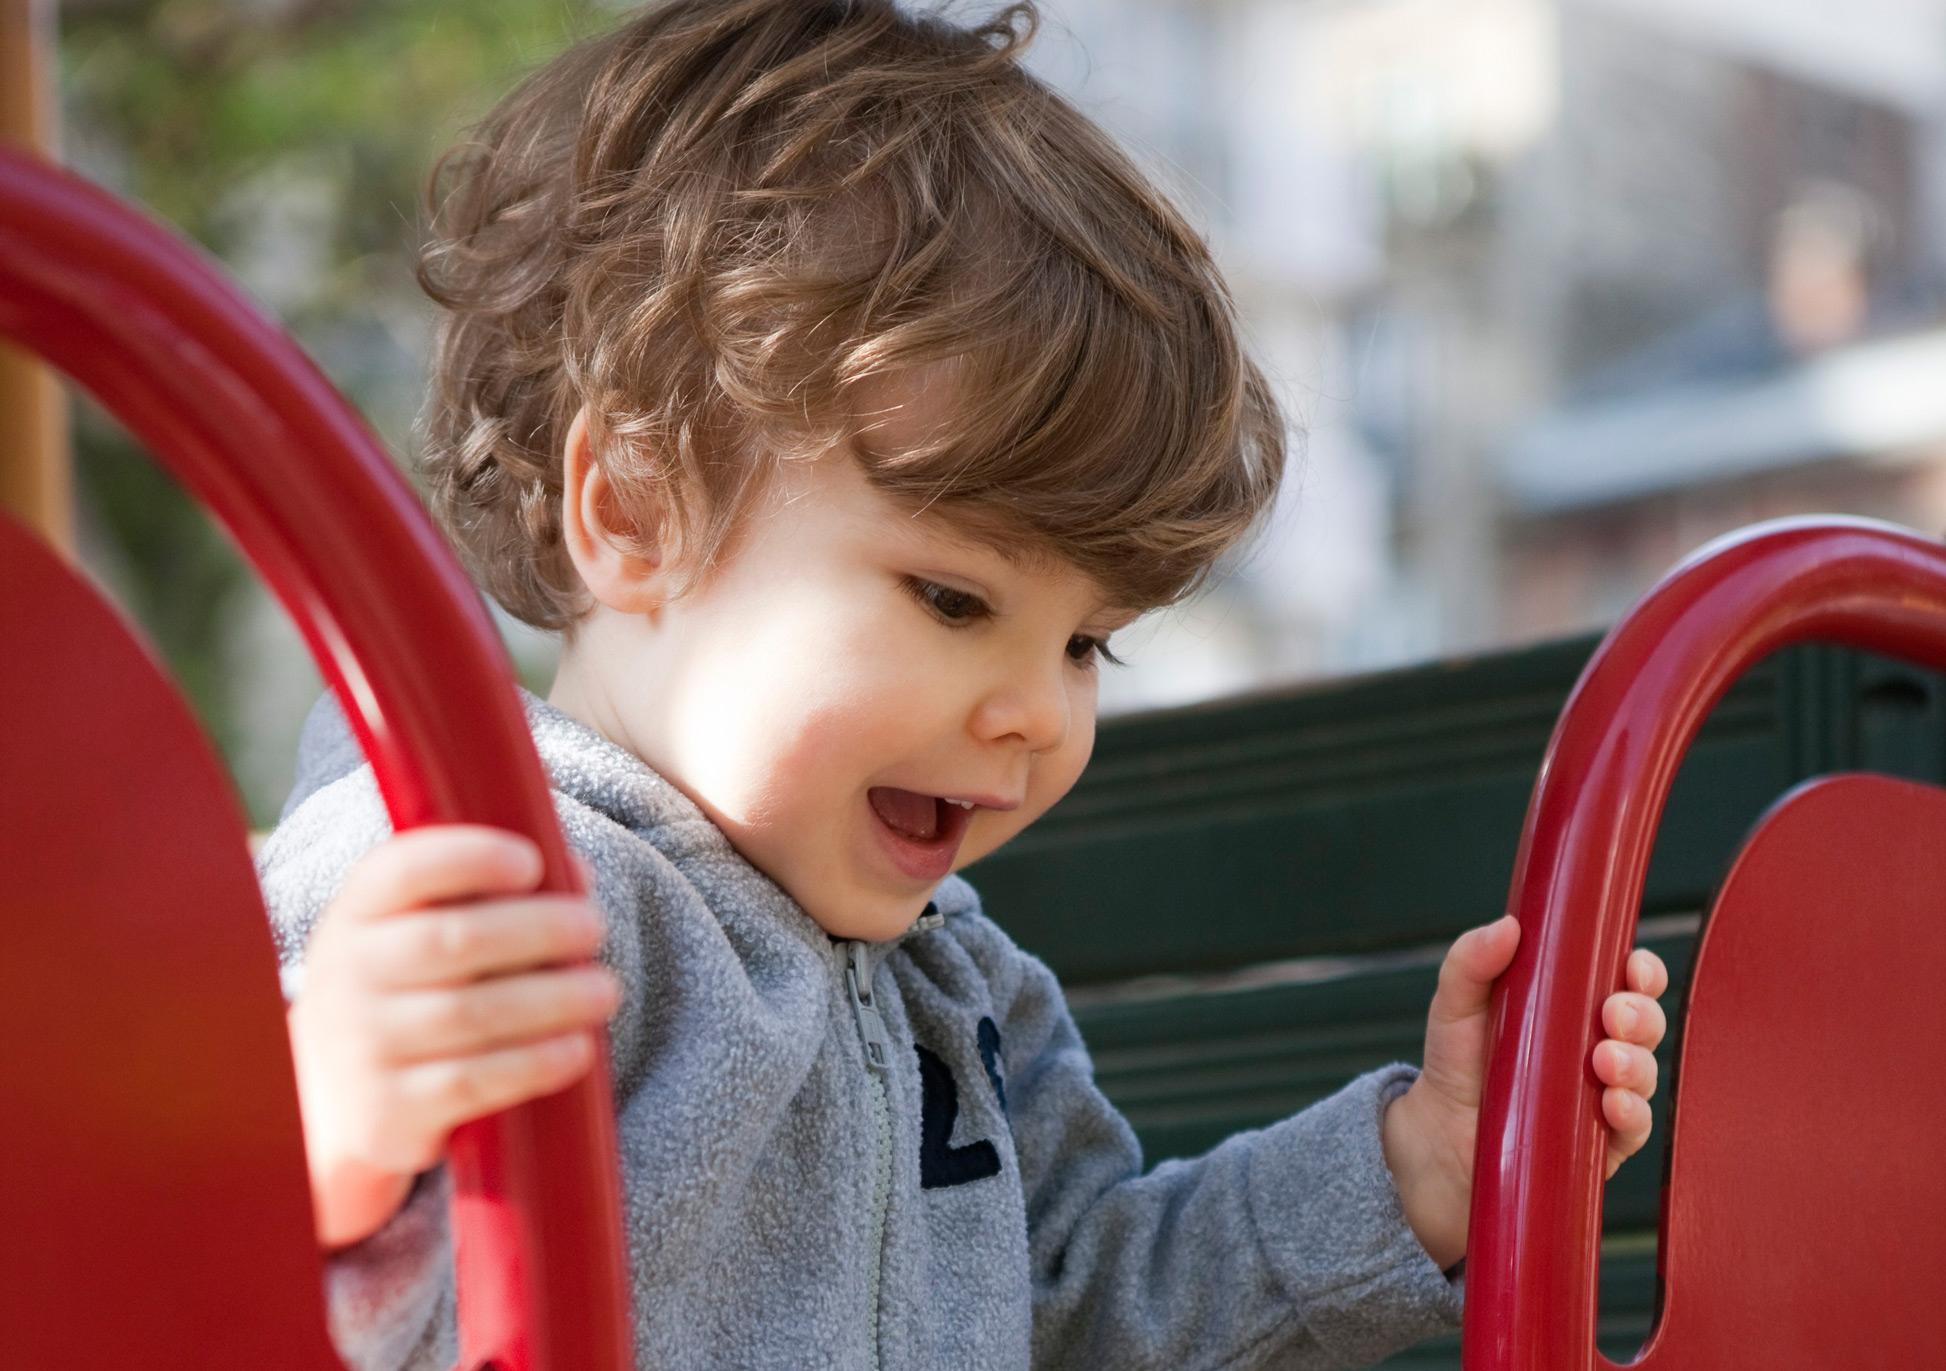 3 À 6 Ans : Savoir Choisir Le Bon Jeu Pour Son Enfant concernant Jeux De Connaissance 3 4 Ans